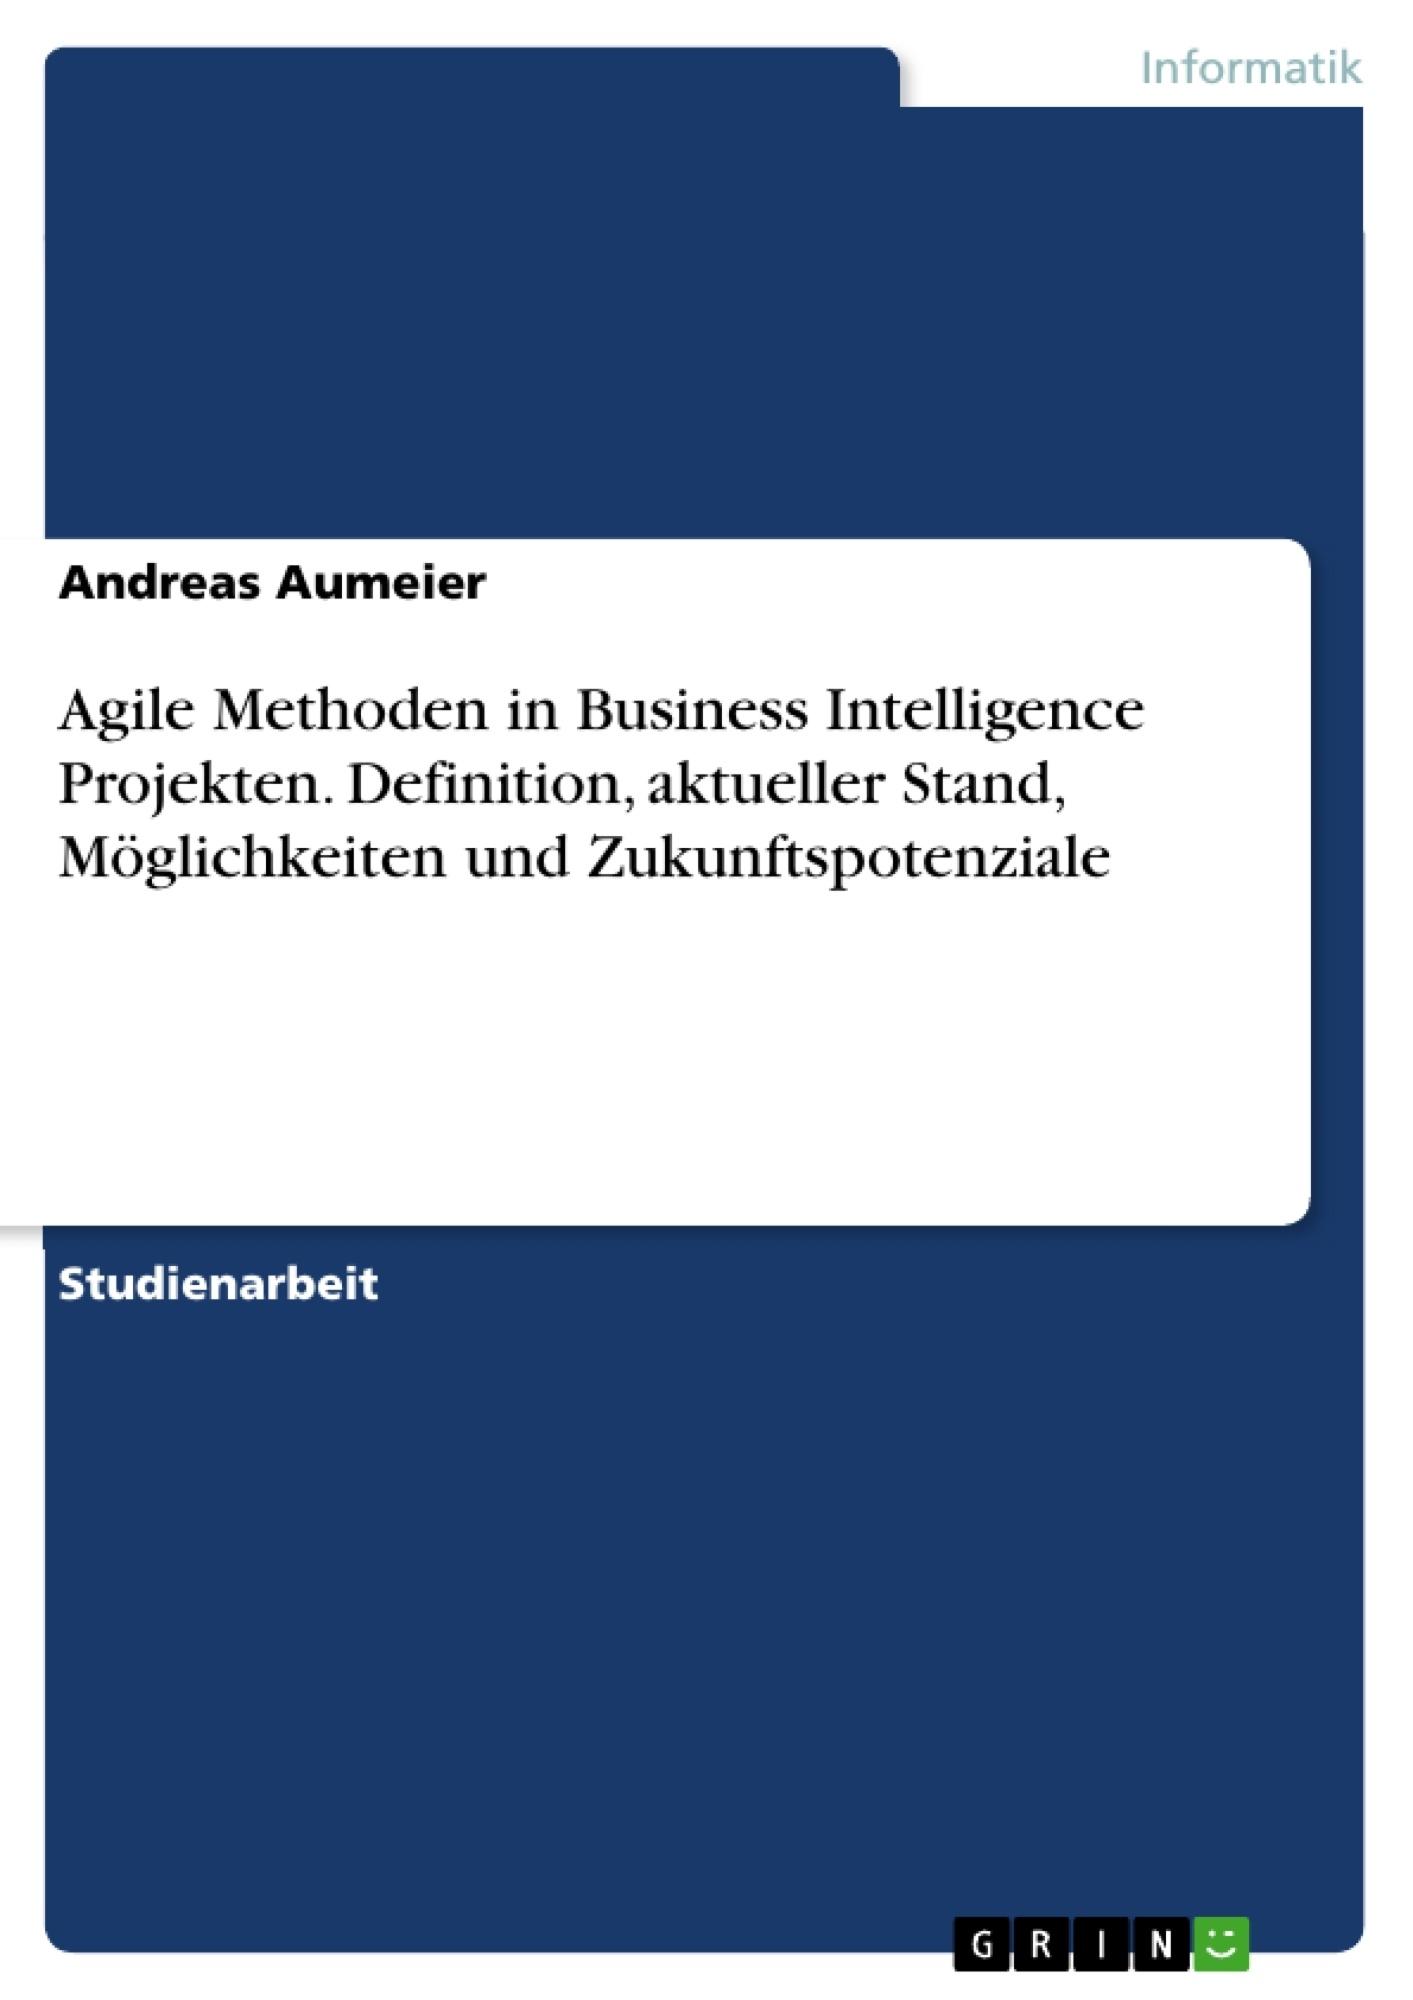 Titel: Agile Methoden in Business Intelligence Projekten. Definition, aktueller Stand, Möglichkeiten und Zukunftspotenziale